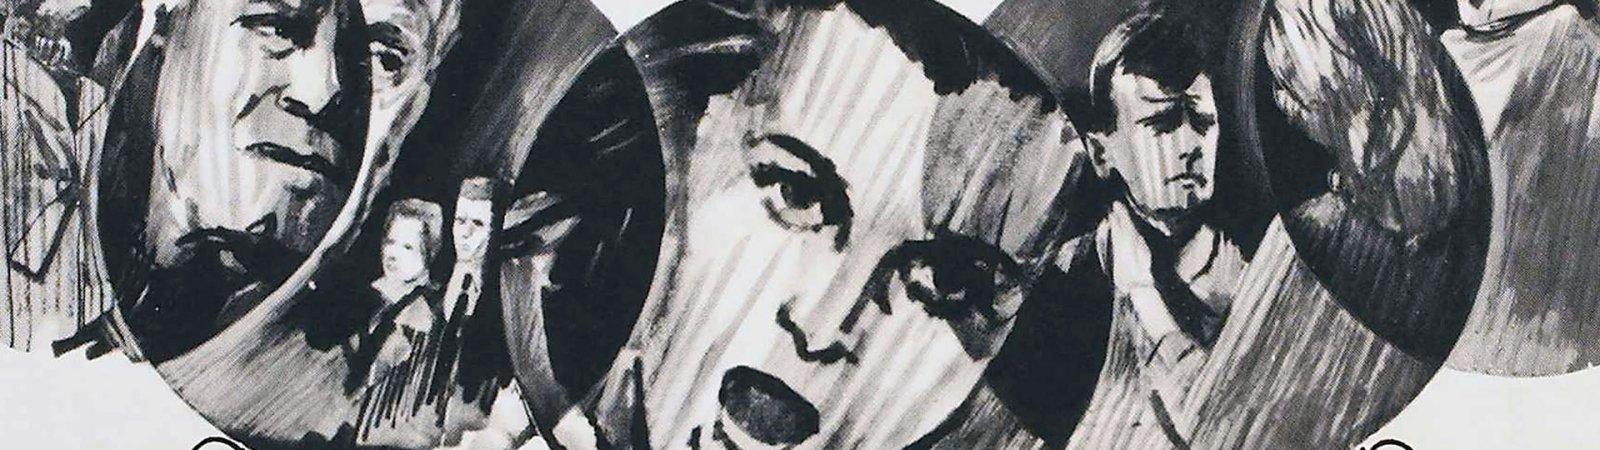 Photo dernier film Carol Lynley